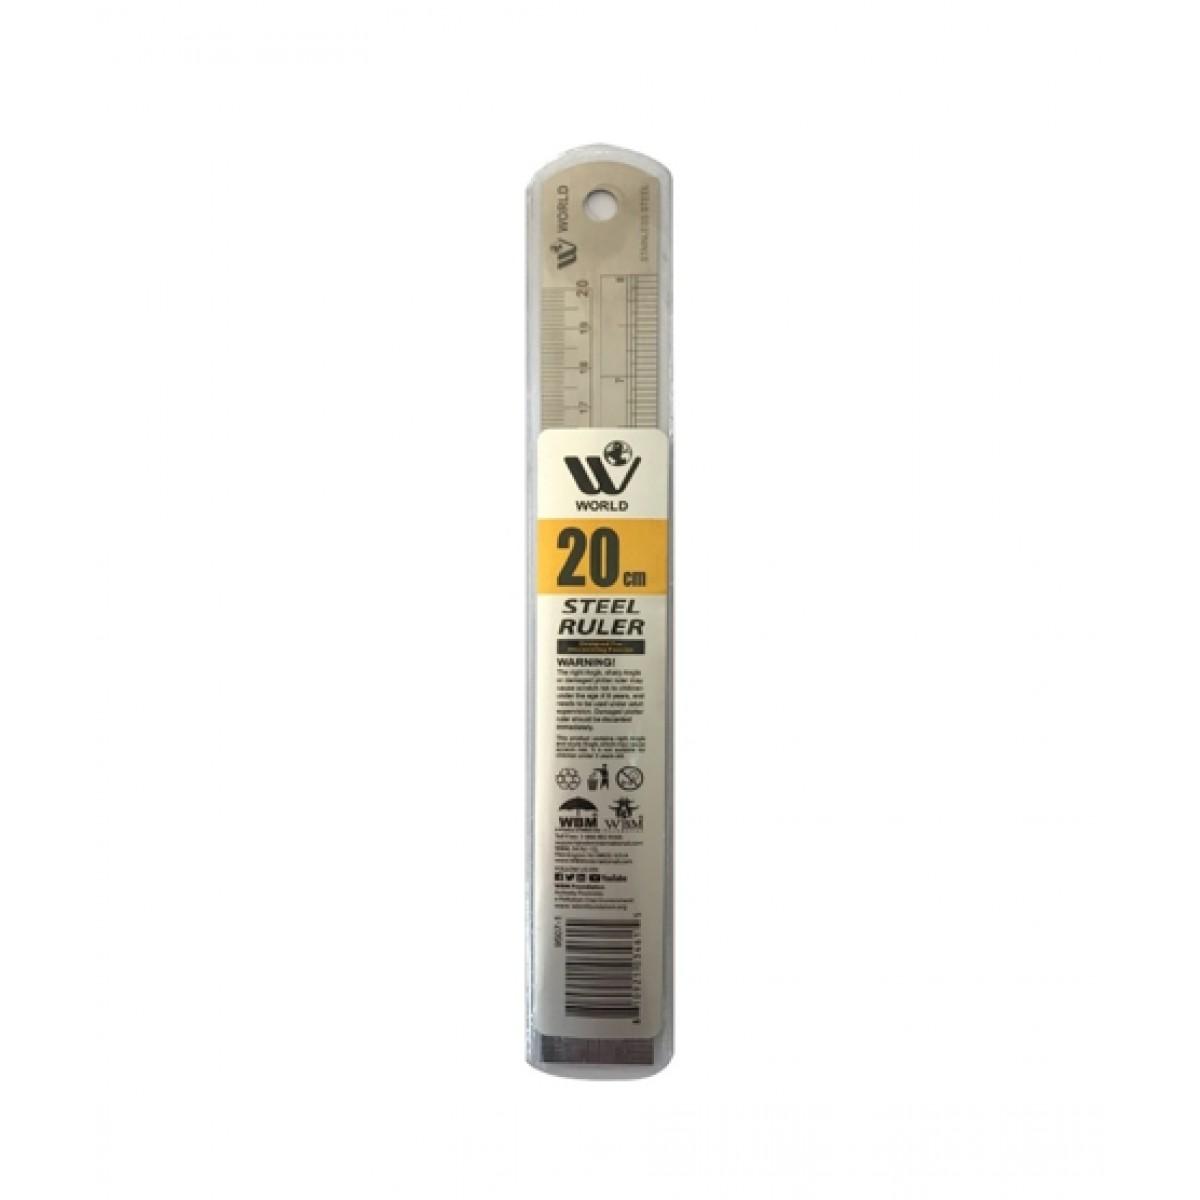 WBM World Steel Ruler 20cm